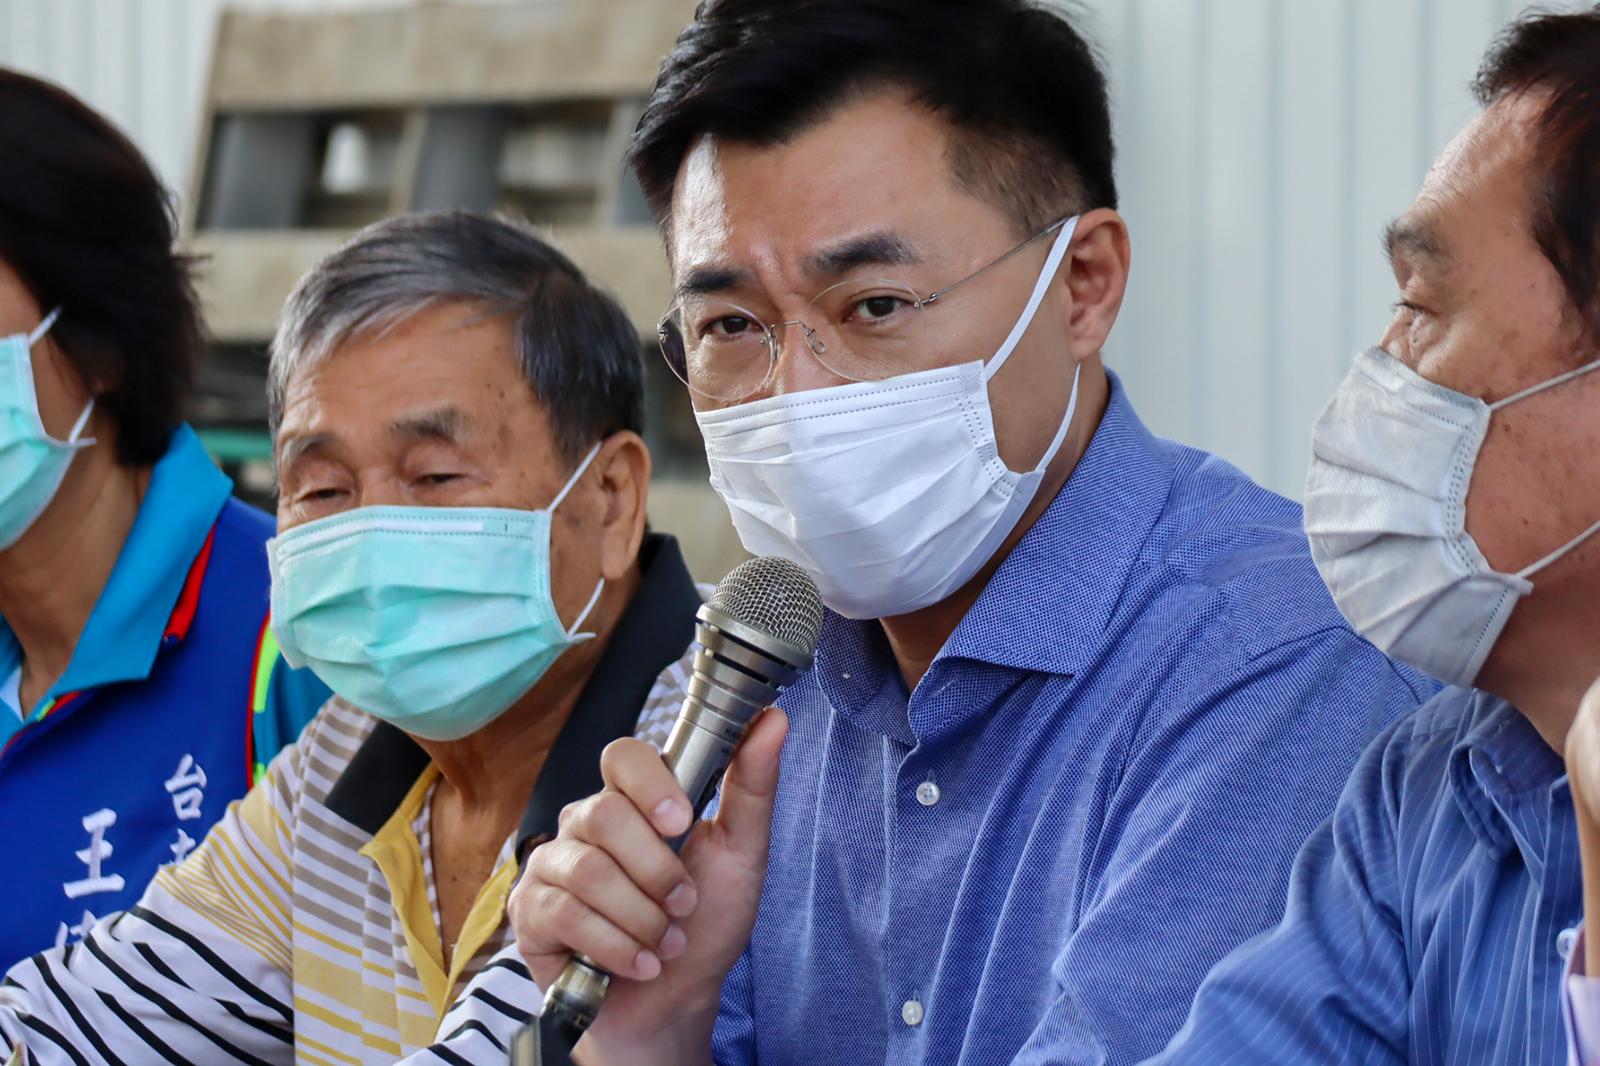 2021年3月1日,國民黨主席江啟臣:對香港國安法變成打擊異己的工具,相當令人遺憾也相當失望。(國民黨提供)